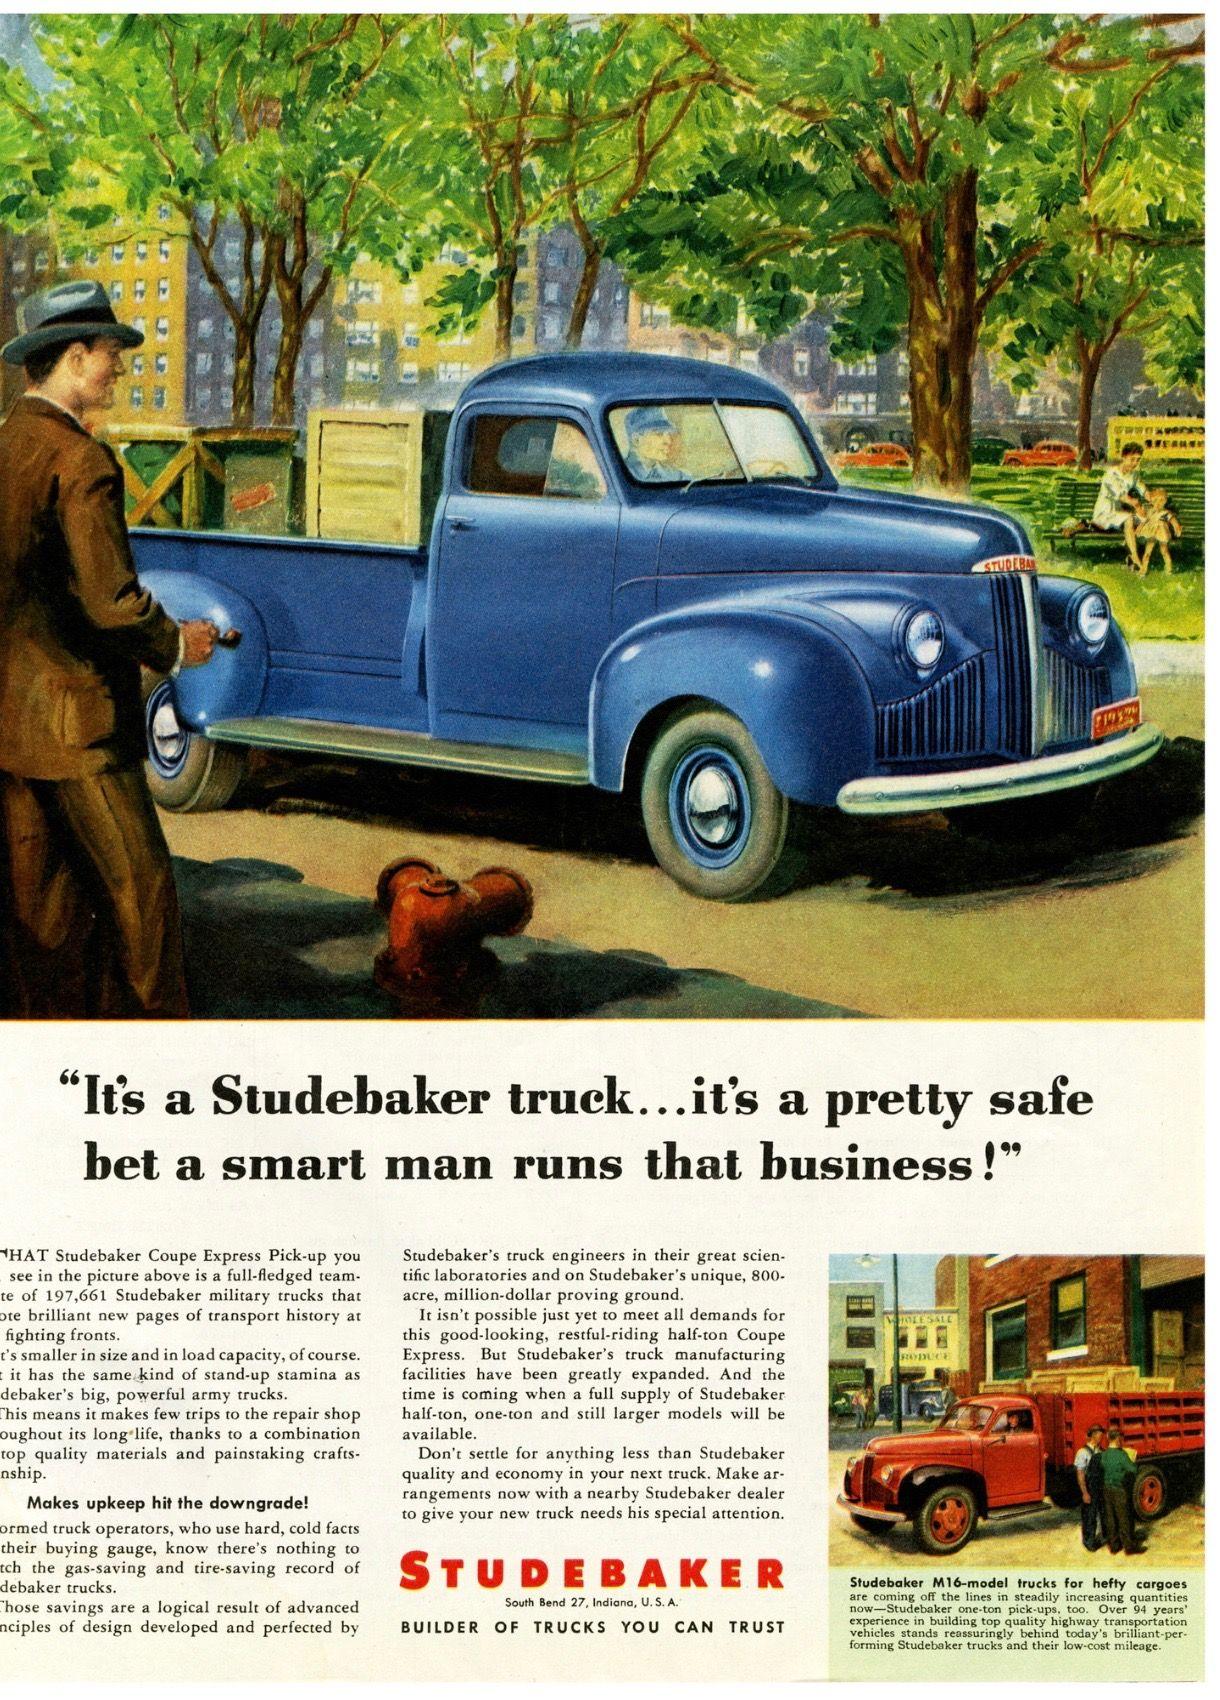 Studebaker Trucks | Studebaker | Pinterest | Cars and Ad car